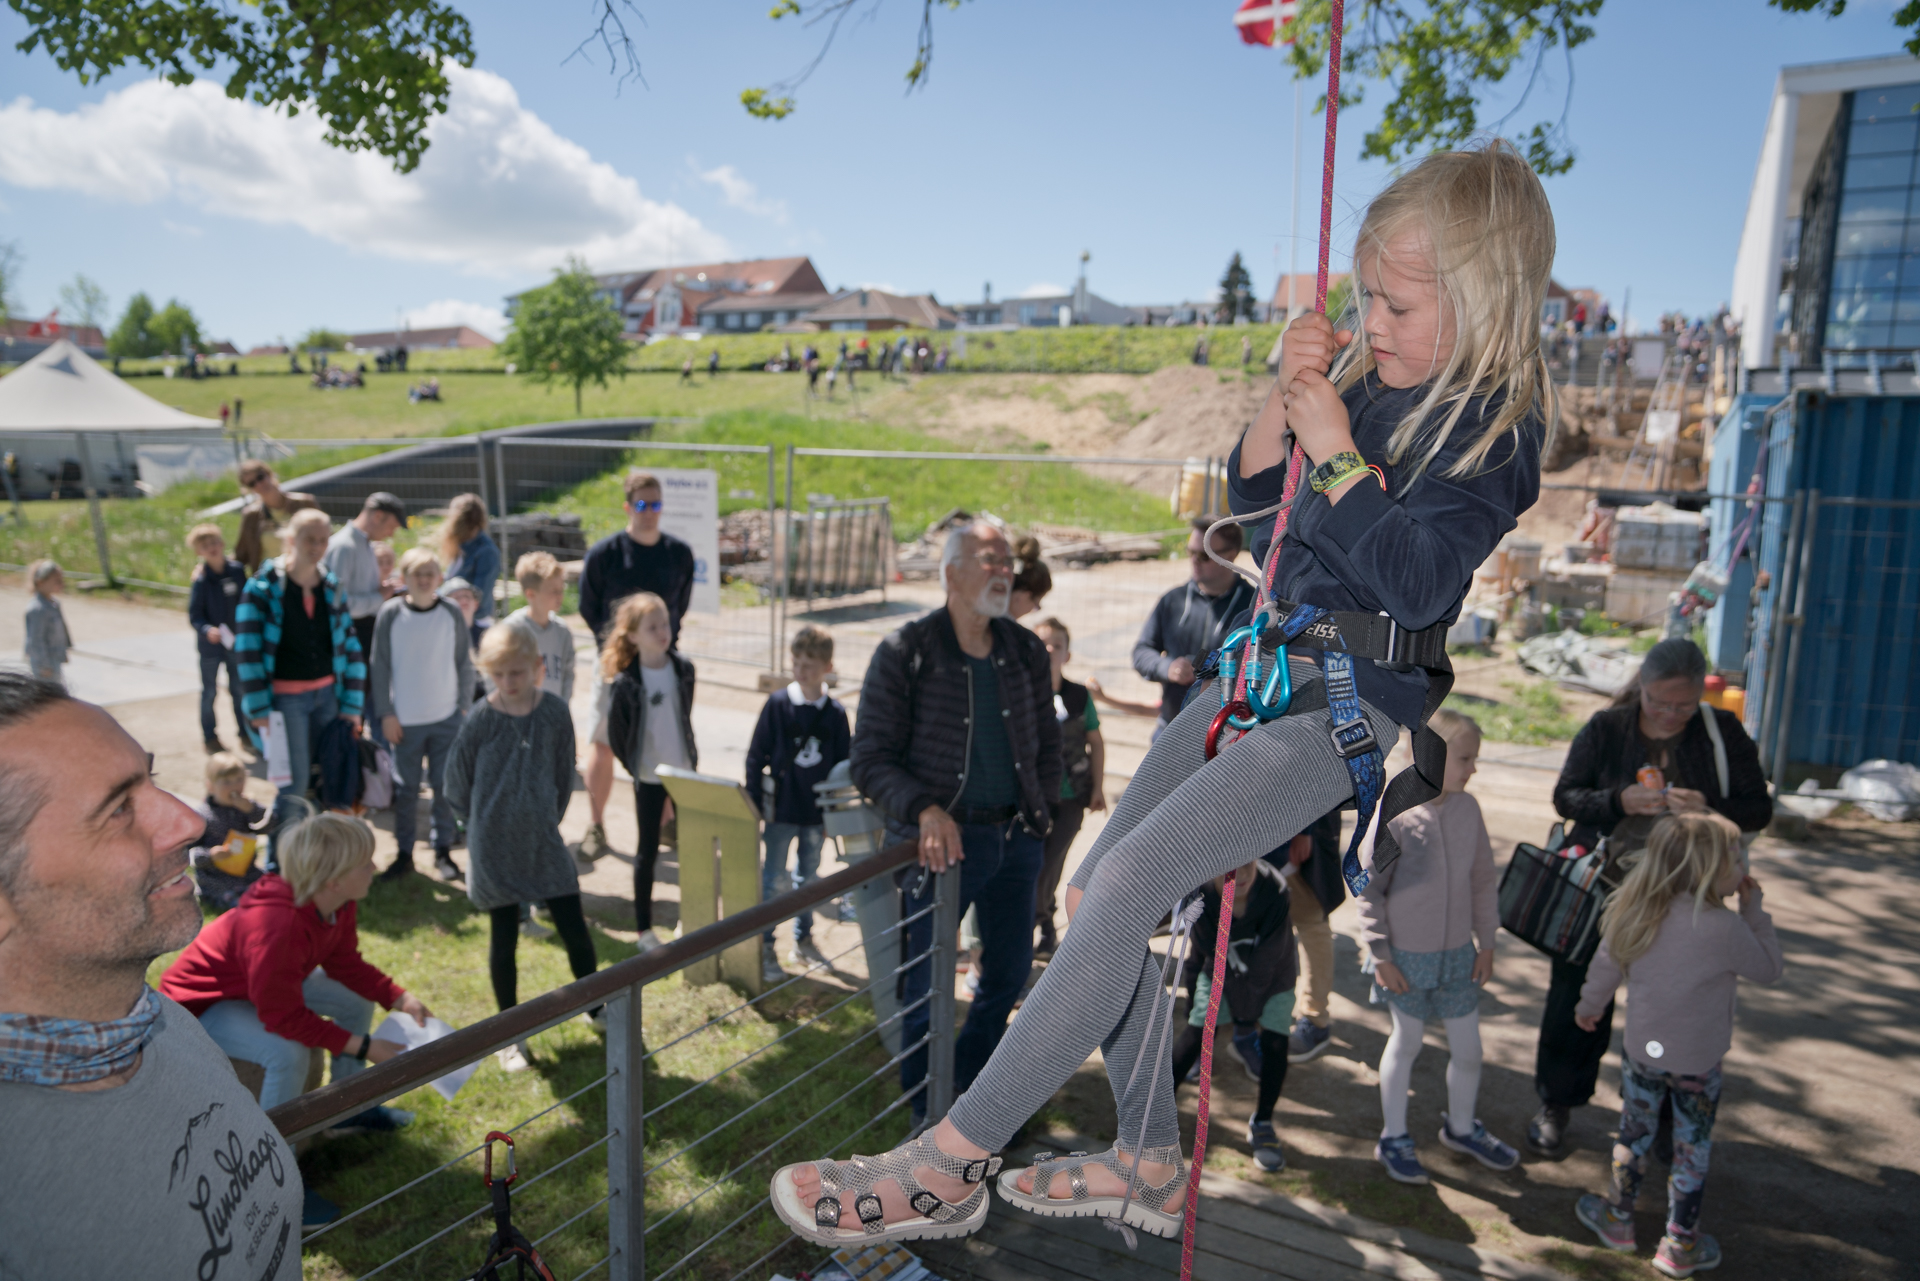 Sløngeldage lørdag - web - Fotograf Per Bille-20190525-00298.jpg